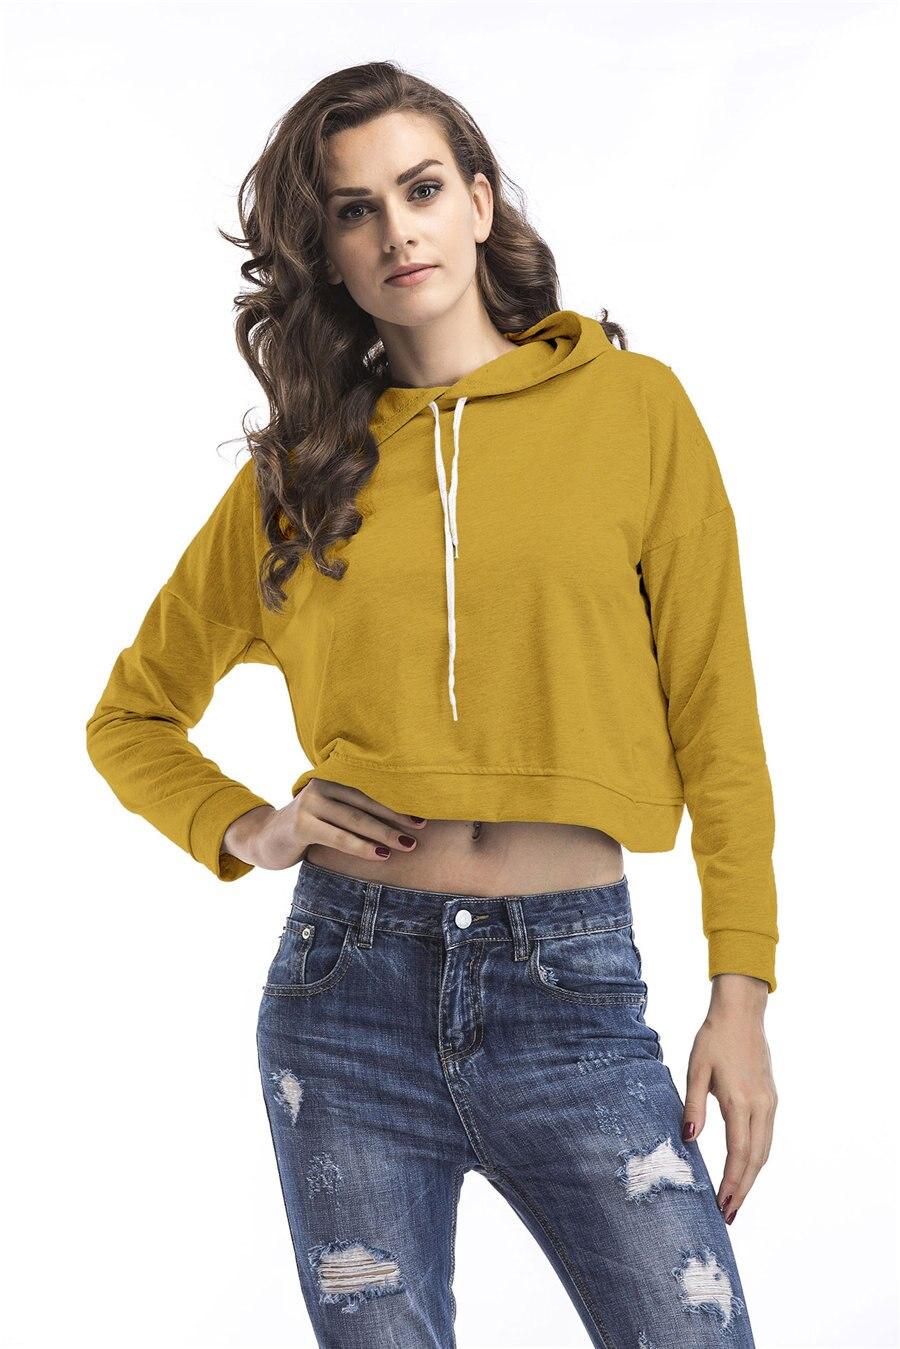 Gladiolus Spring Hooded Hoodies Women Long Sleeve Sexy Crop Top 2019 Short Slim Sweatshirt Women Loose Pullover Tracksuit Tops (11)